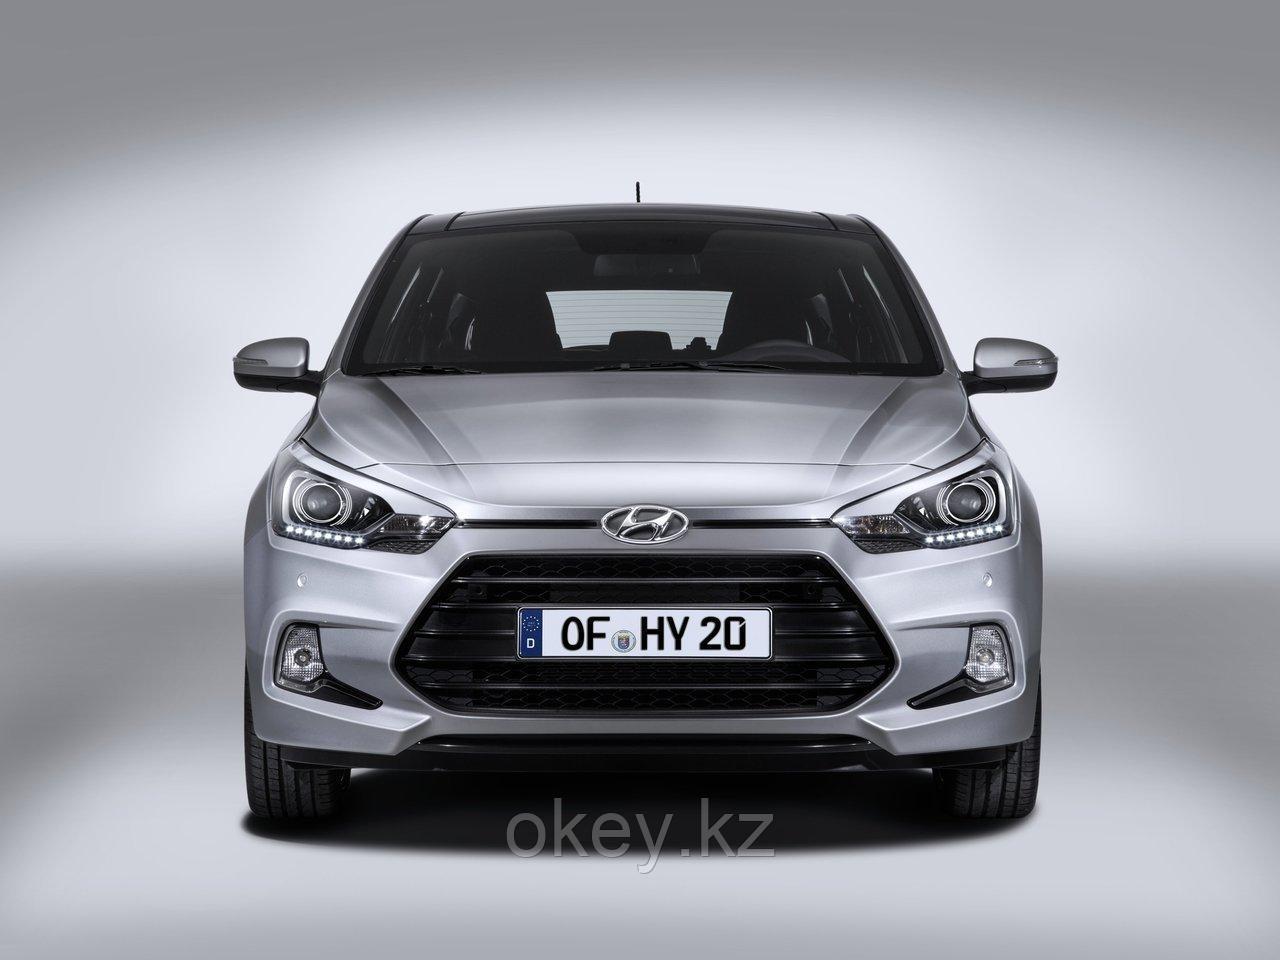 Тормозные колодки Kötl 3594KT для Hyundai I20 II купе 1.4 CRDi, 2015-2020 года выпуска.